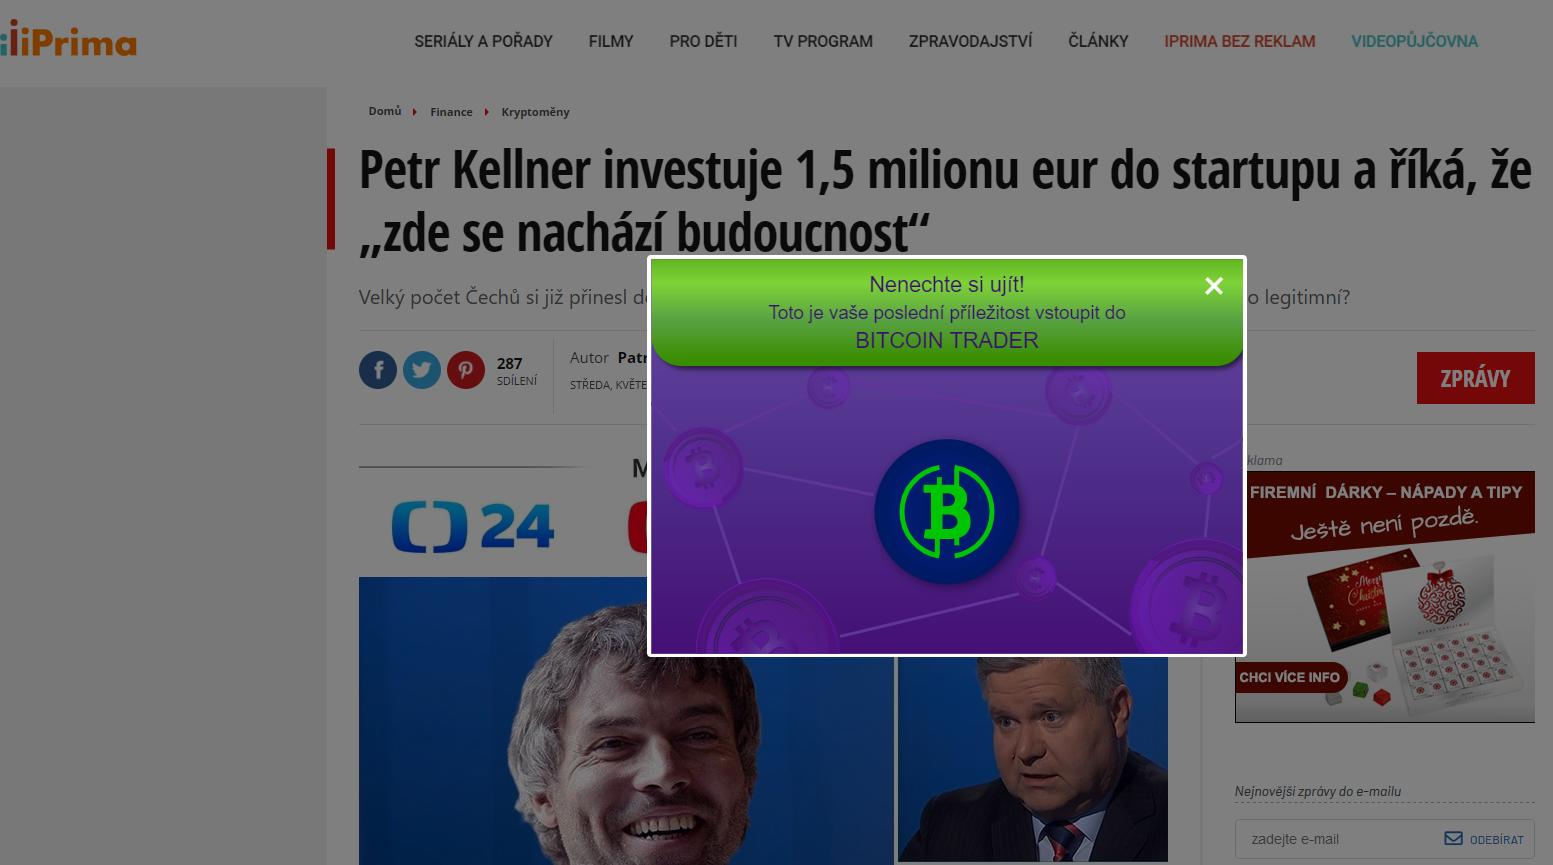 Ukázka webu s Kellnerem, kde si zase autoři ukradli logo iPrima a ČT24